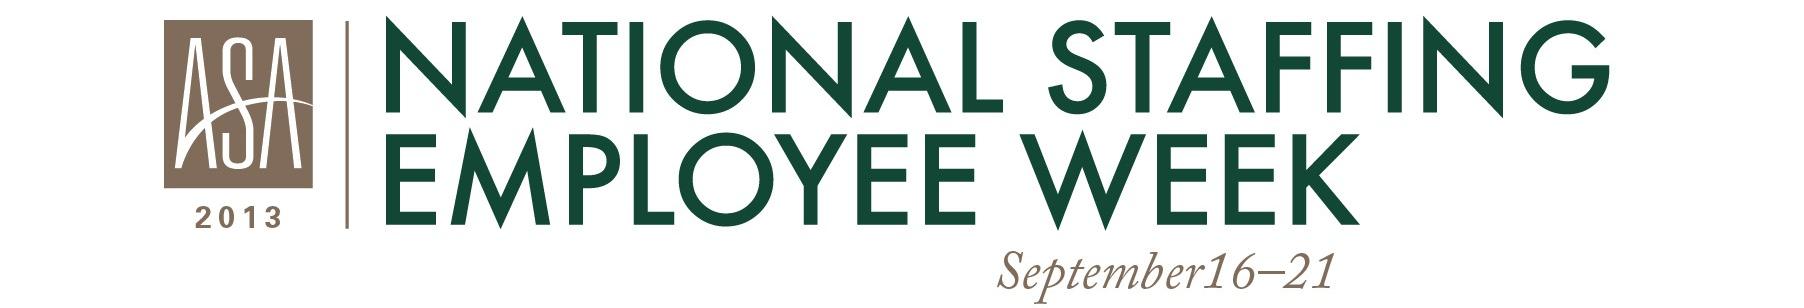 ASA-2013-National-Staffing-Employee-Week-1